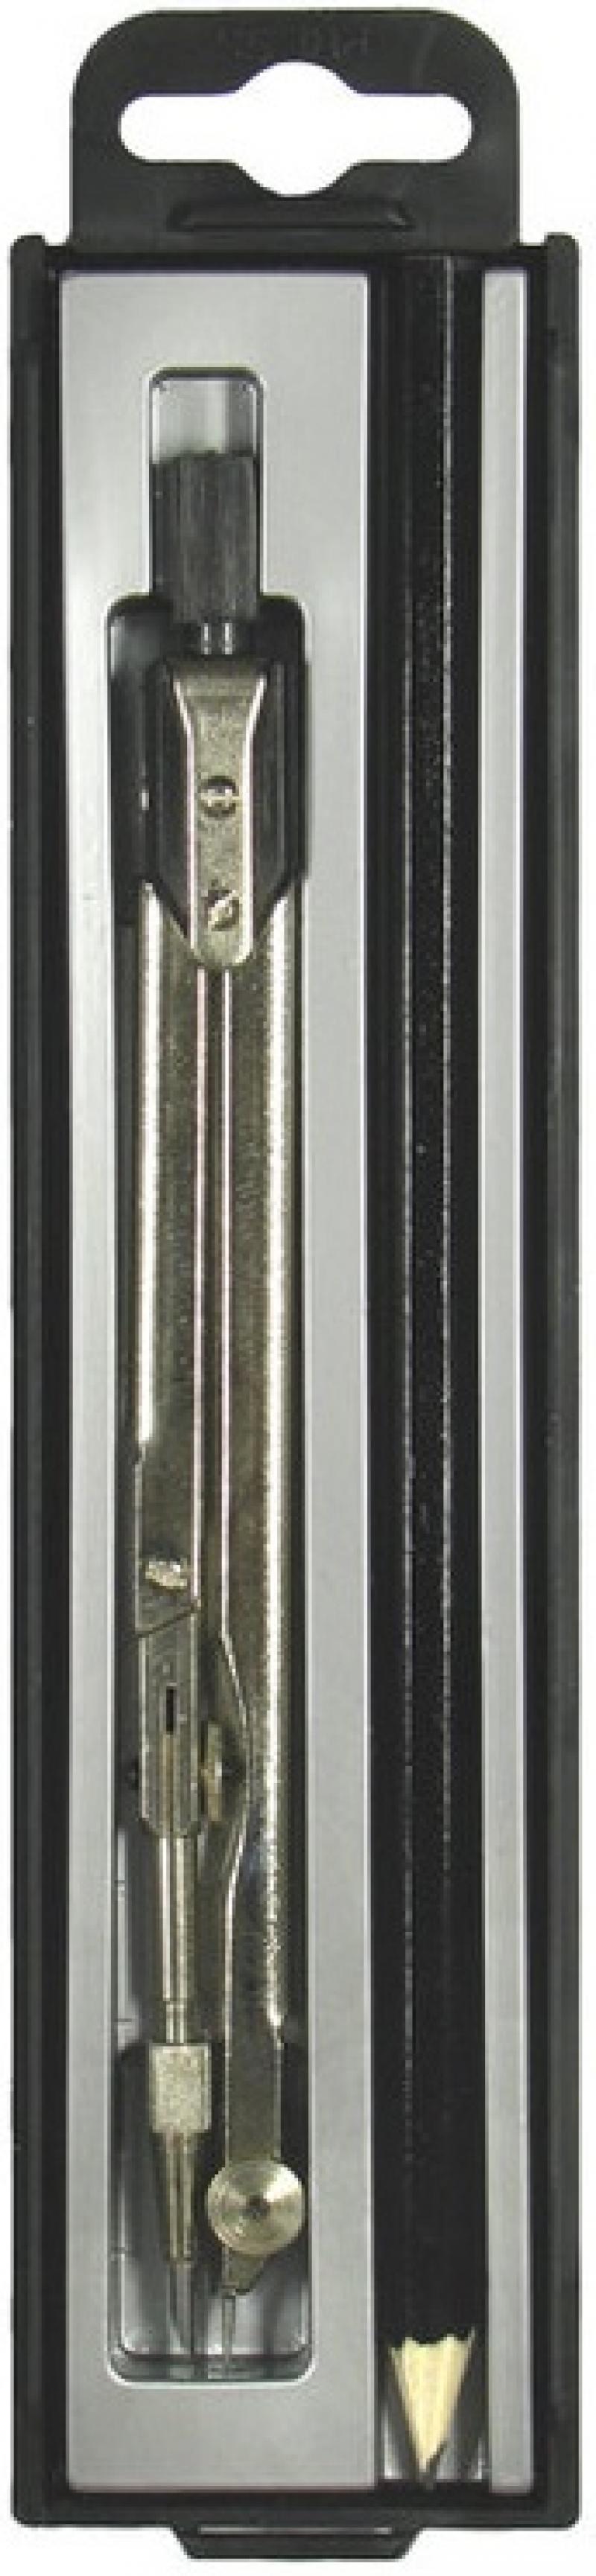 Набор чертежный ТЕХНИКА, 2 предмета (НЧ-2-Ш-11), для студентов, пластм. футляр с европодвесом brauberg набор чертежный 4 предмета 210306